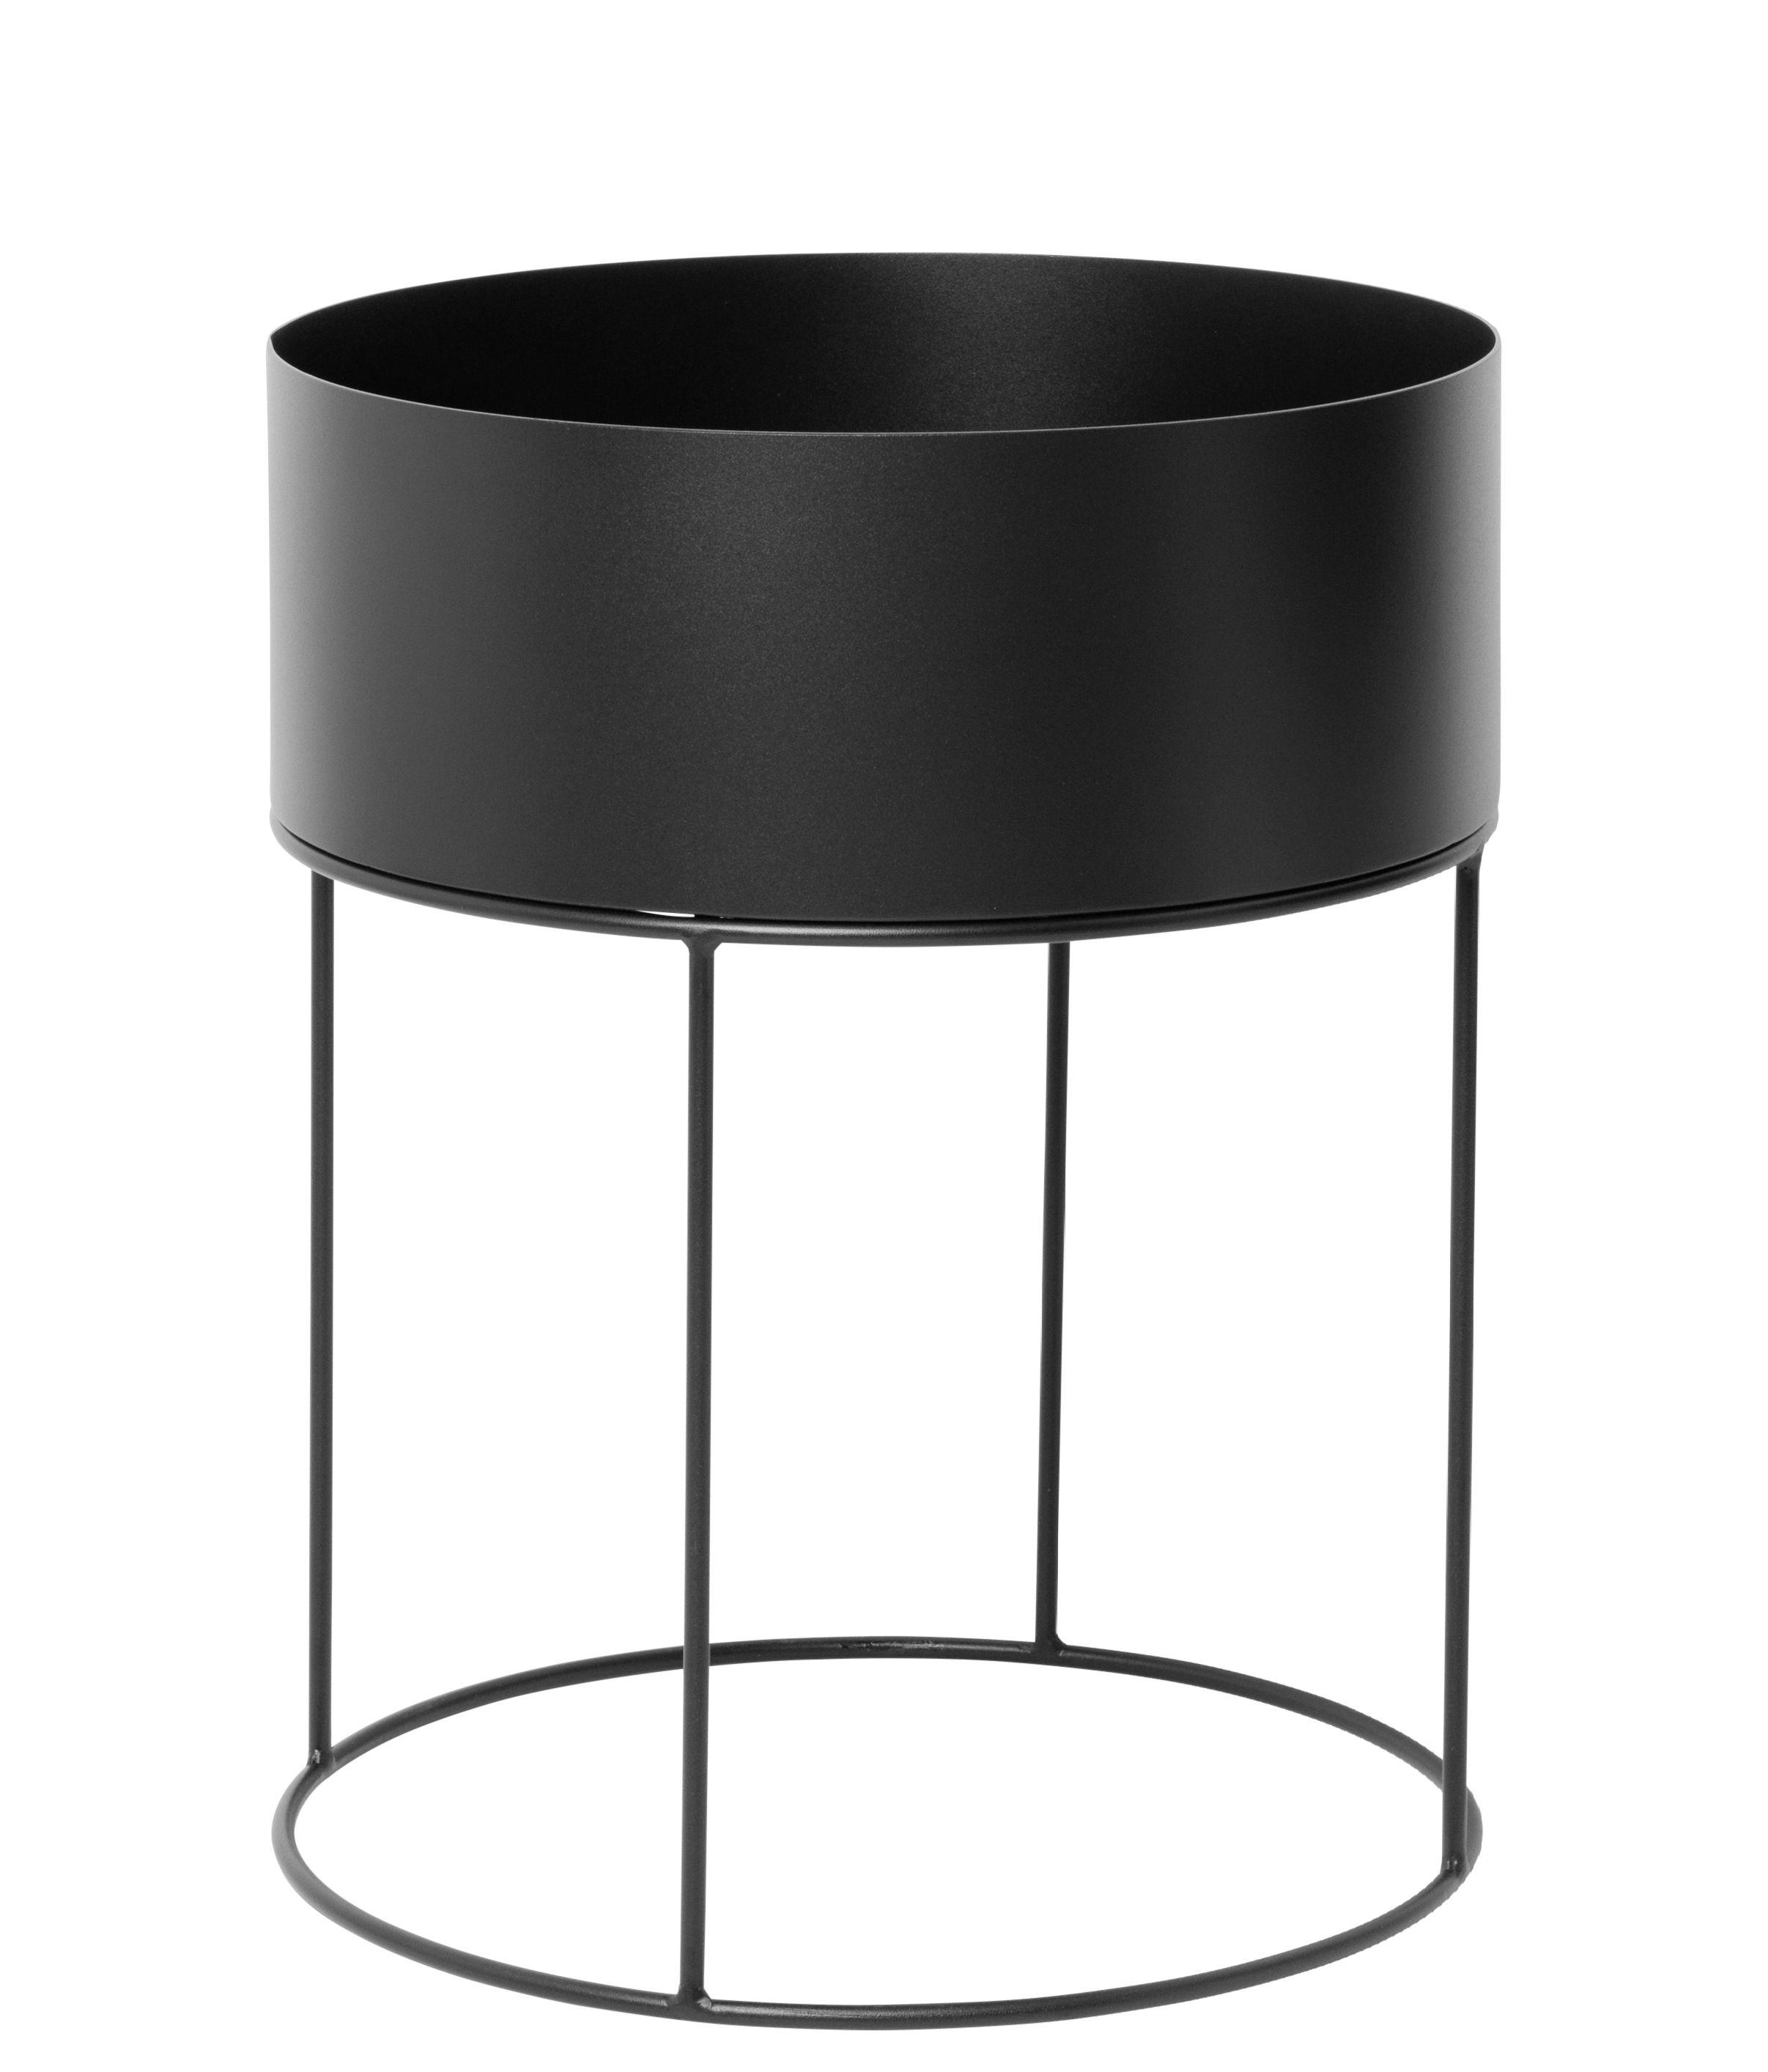 Déco - Pots et plantes - Jardinière Plant Box Round / Ø 40 x H 50 cm - Ferm Living - Noir - Métal laqué époxy